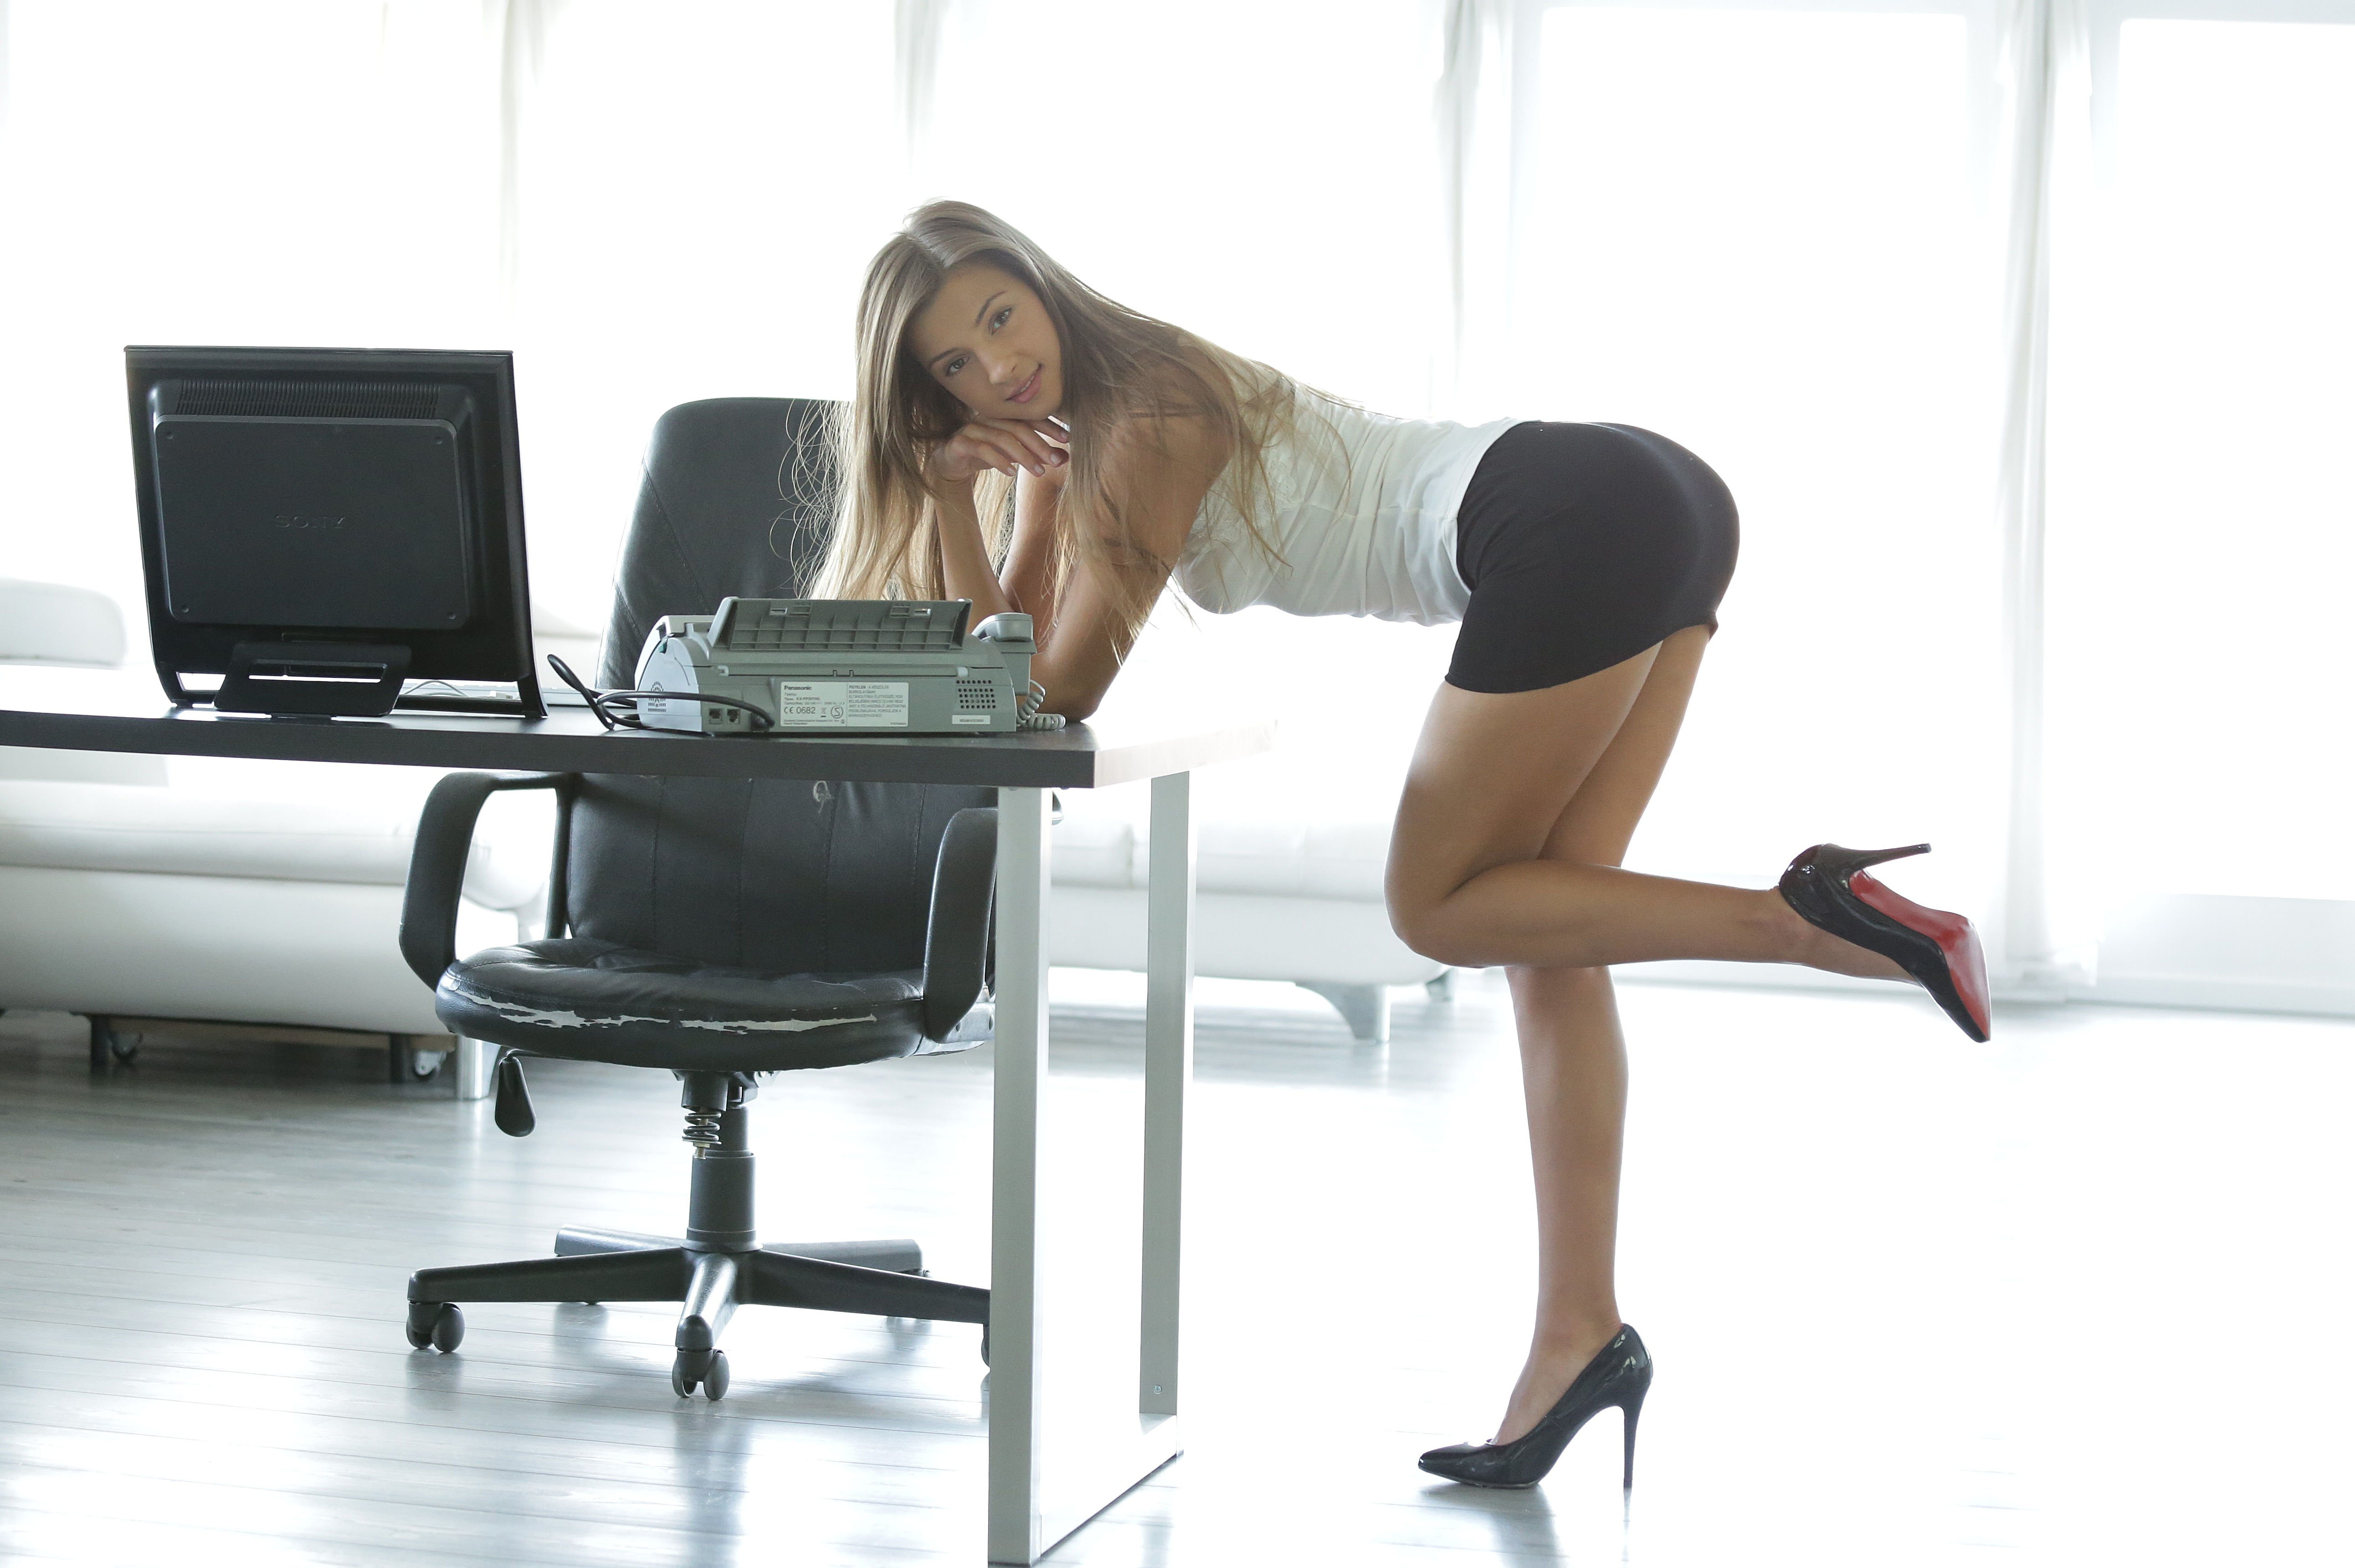 Секретаршу раком в офисе порно здесь